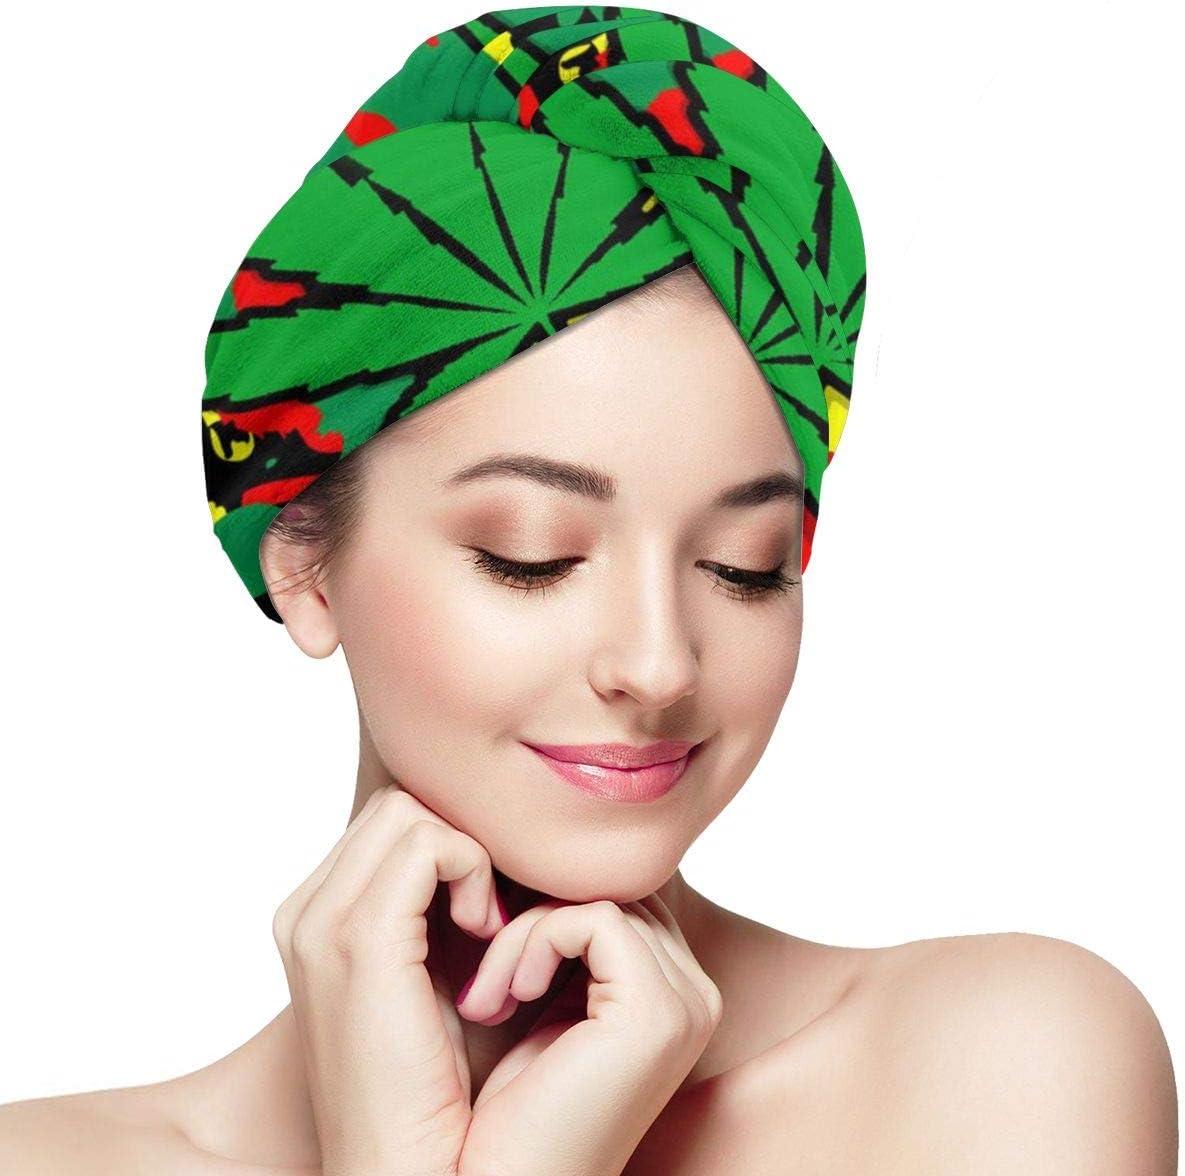 RTBB - Toallas de secado rápido para cabello seco y antiencrespamiento, diseño de hojas de marihuana, color verde